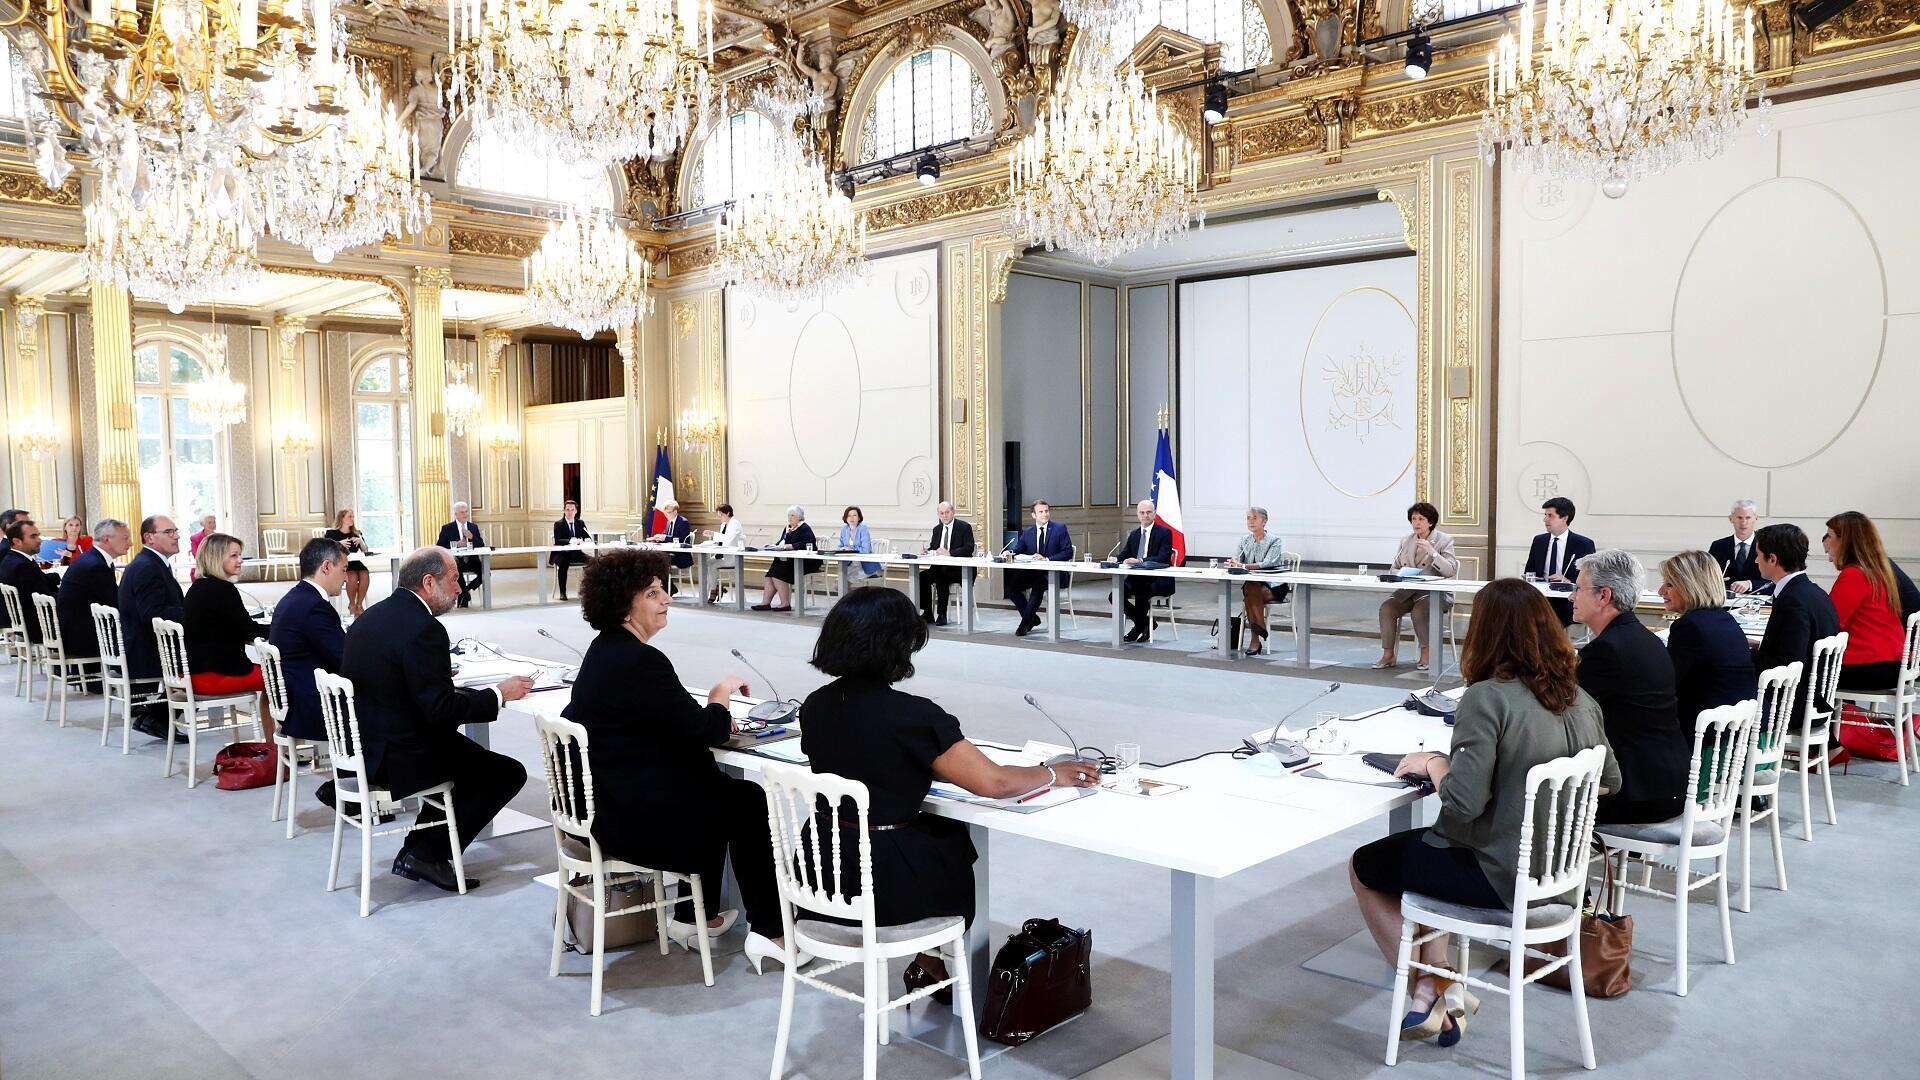 الرئيس الفرنسي إيمانويل ماكرون يترأس اجتماعا للحكومة الجديدة في قصر الإليزيه، 7 يوليو/تموز 2020.